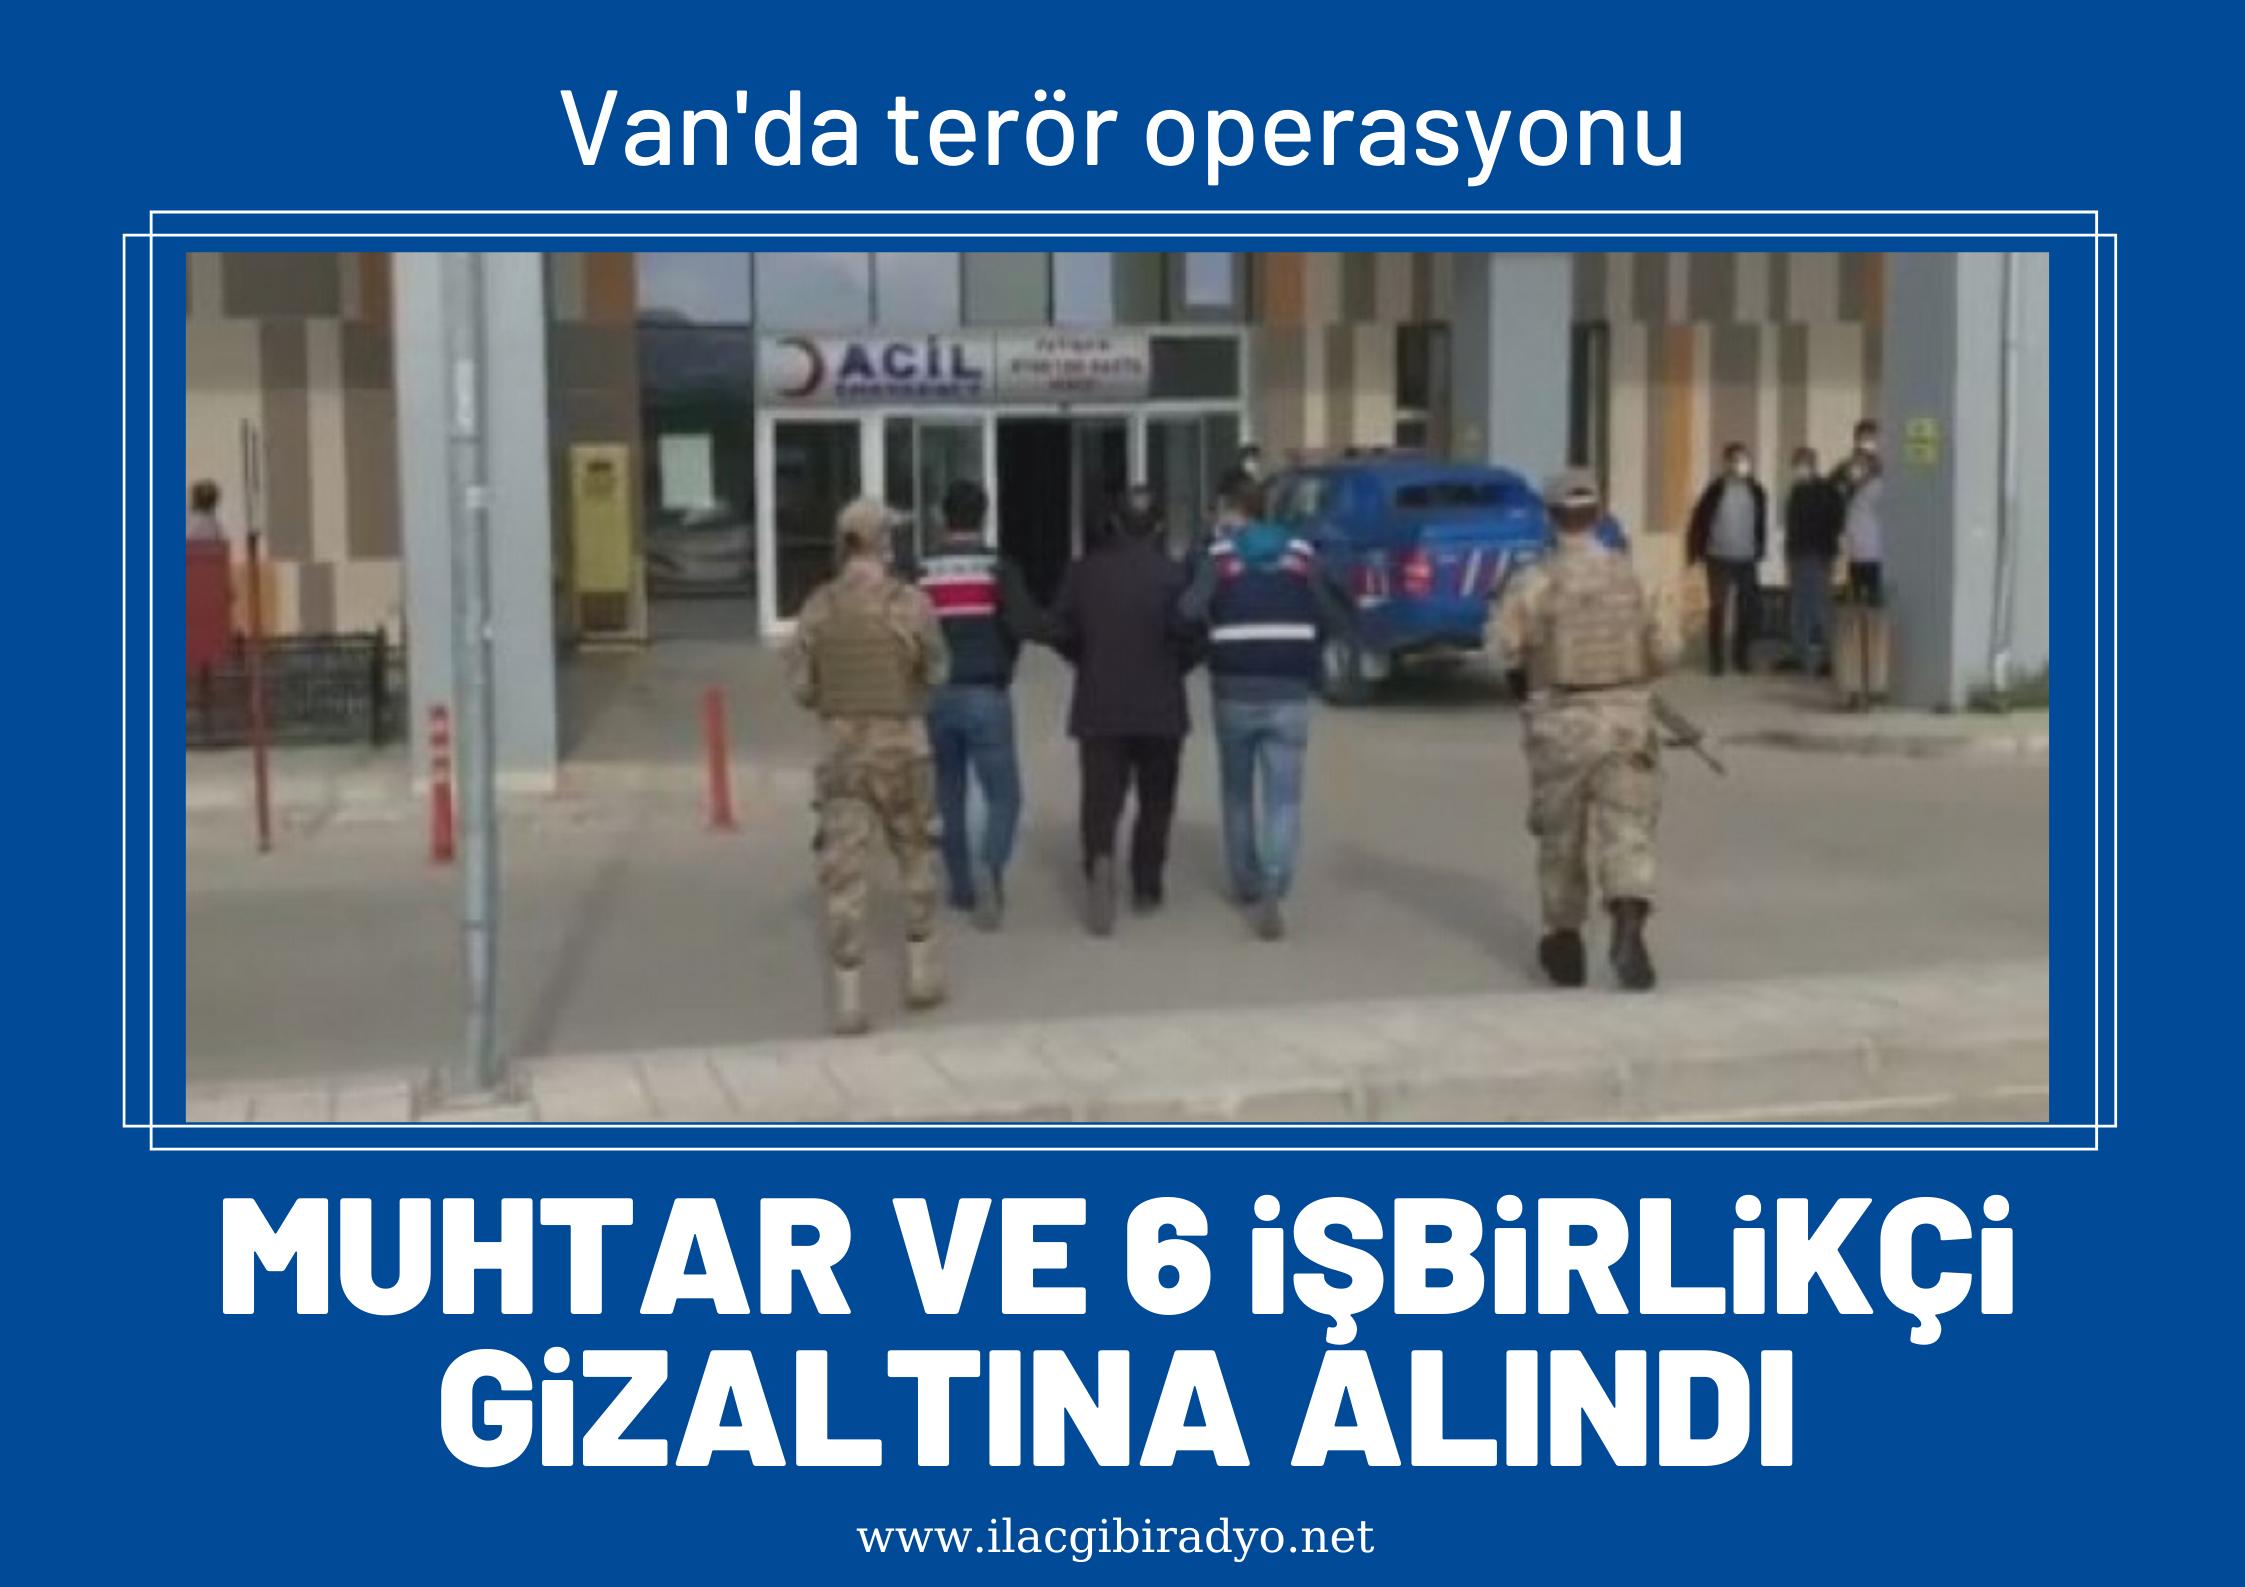 Van'da terör operasyonu! Muhtar ve 6 işbirlikçi gözaltına alındı